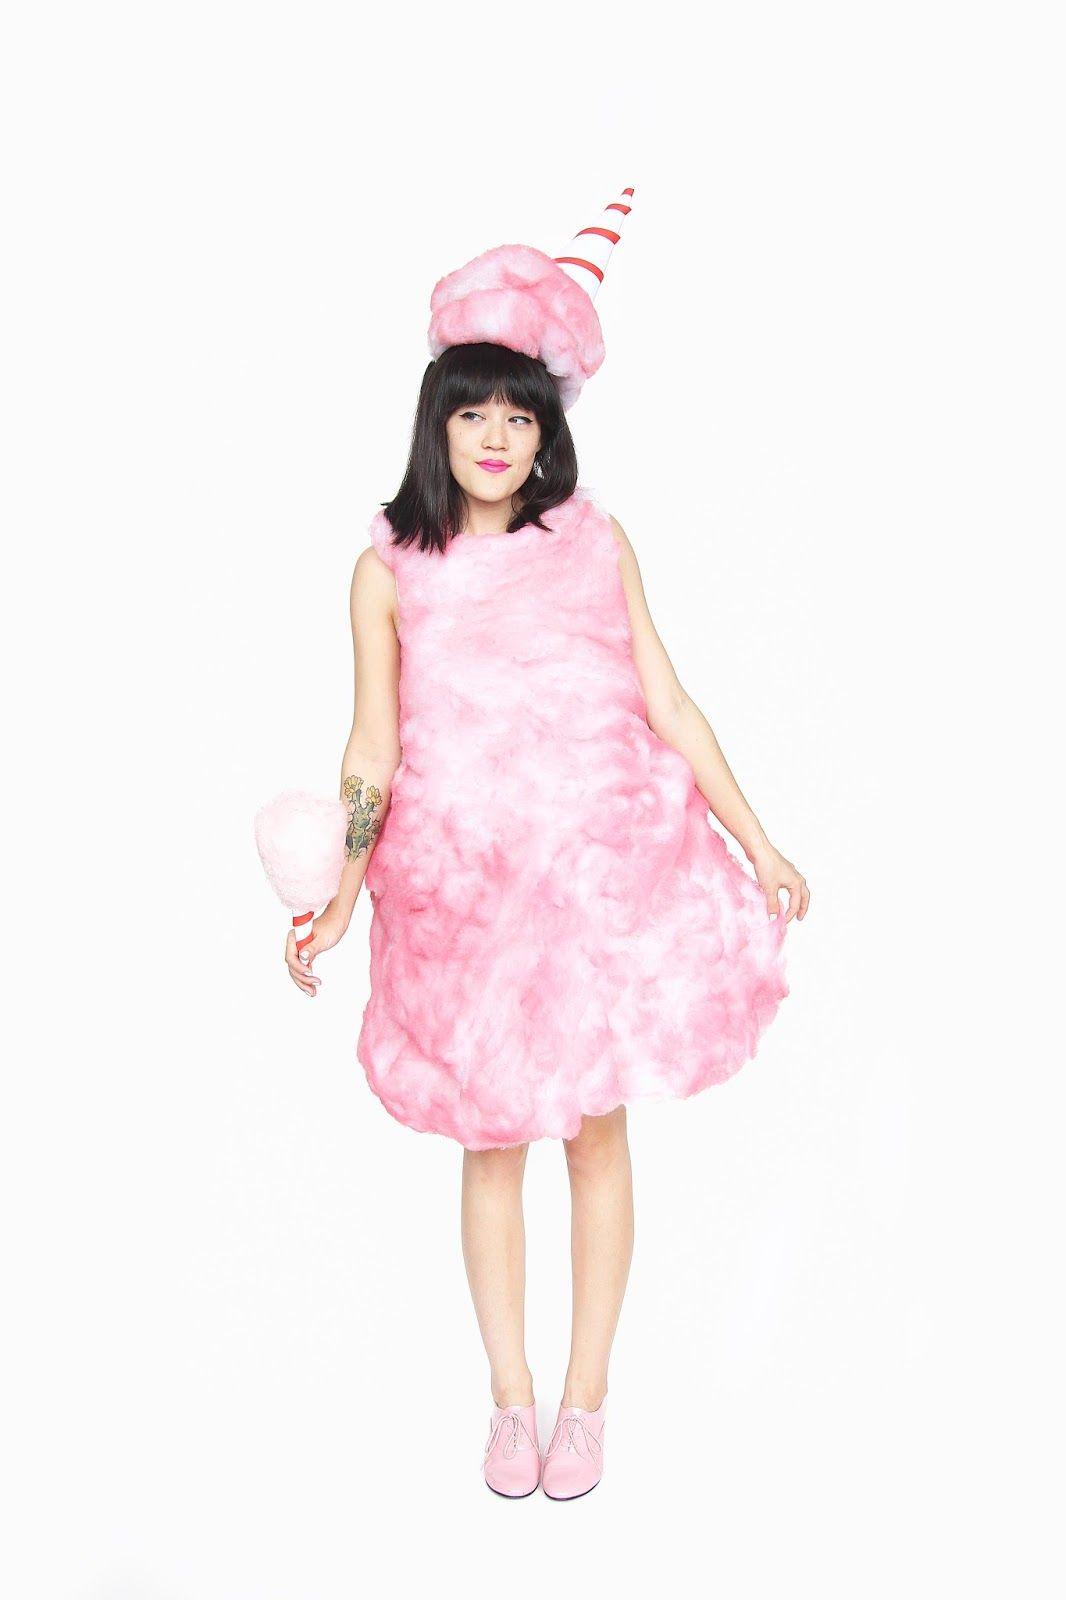 Candy dress up ideas